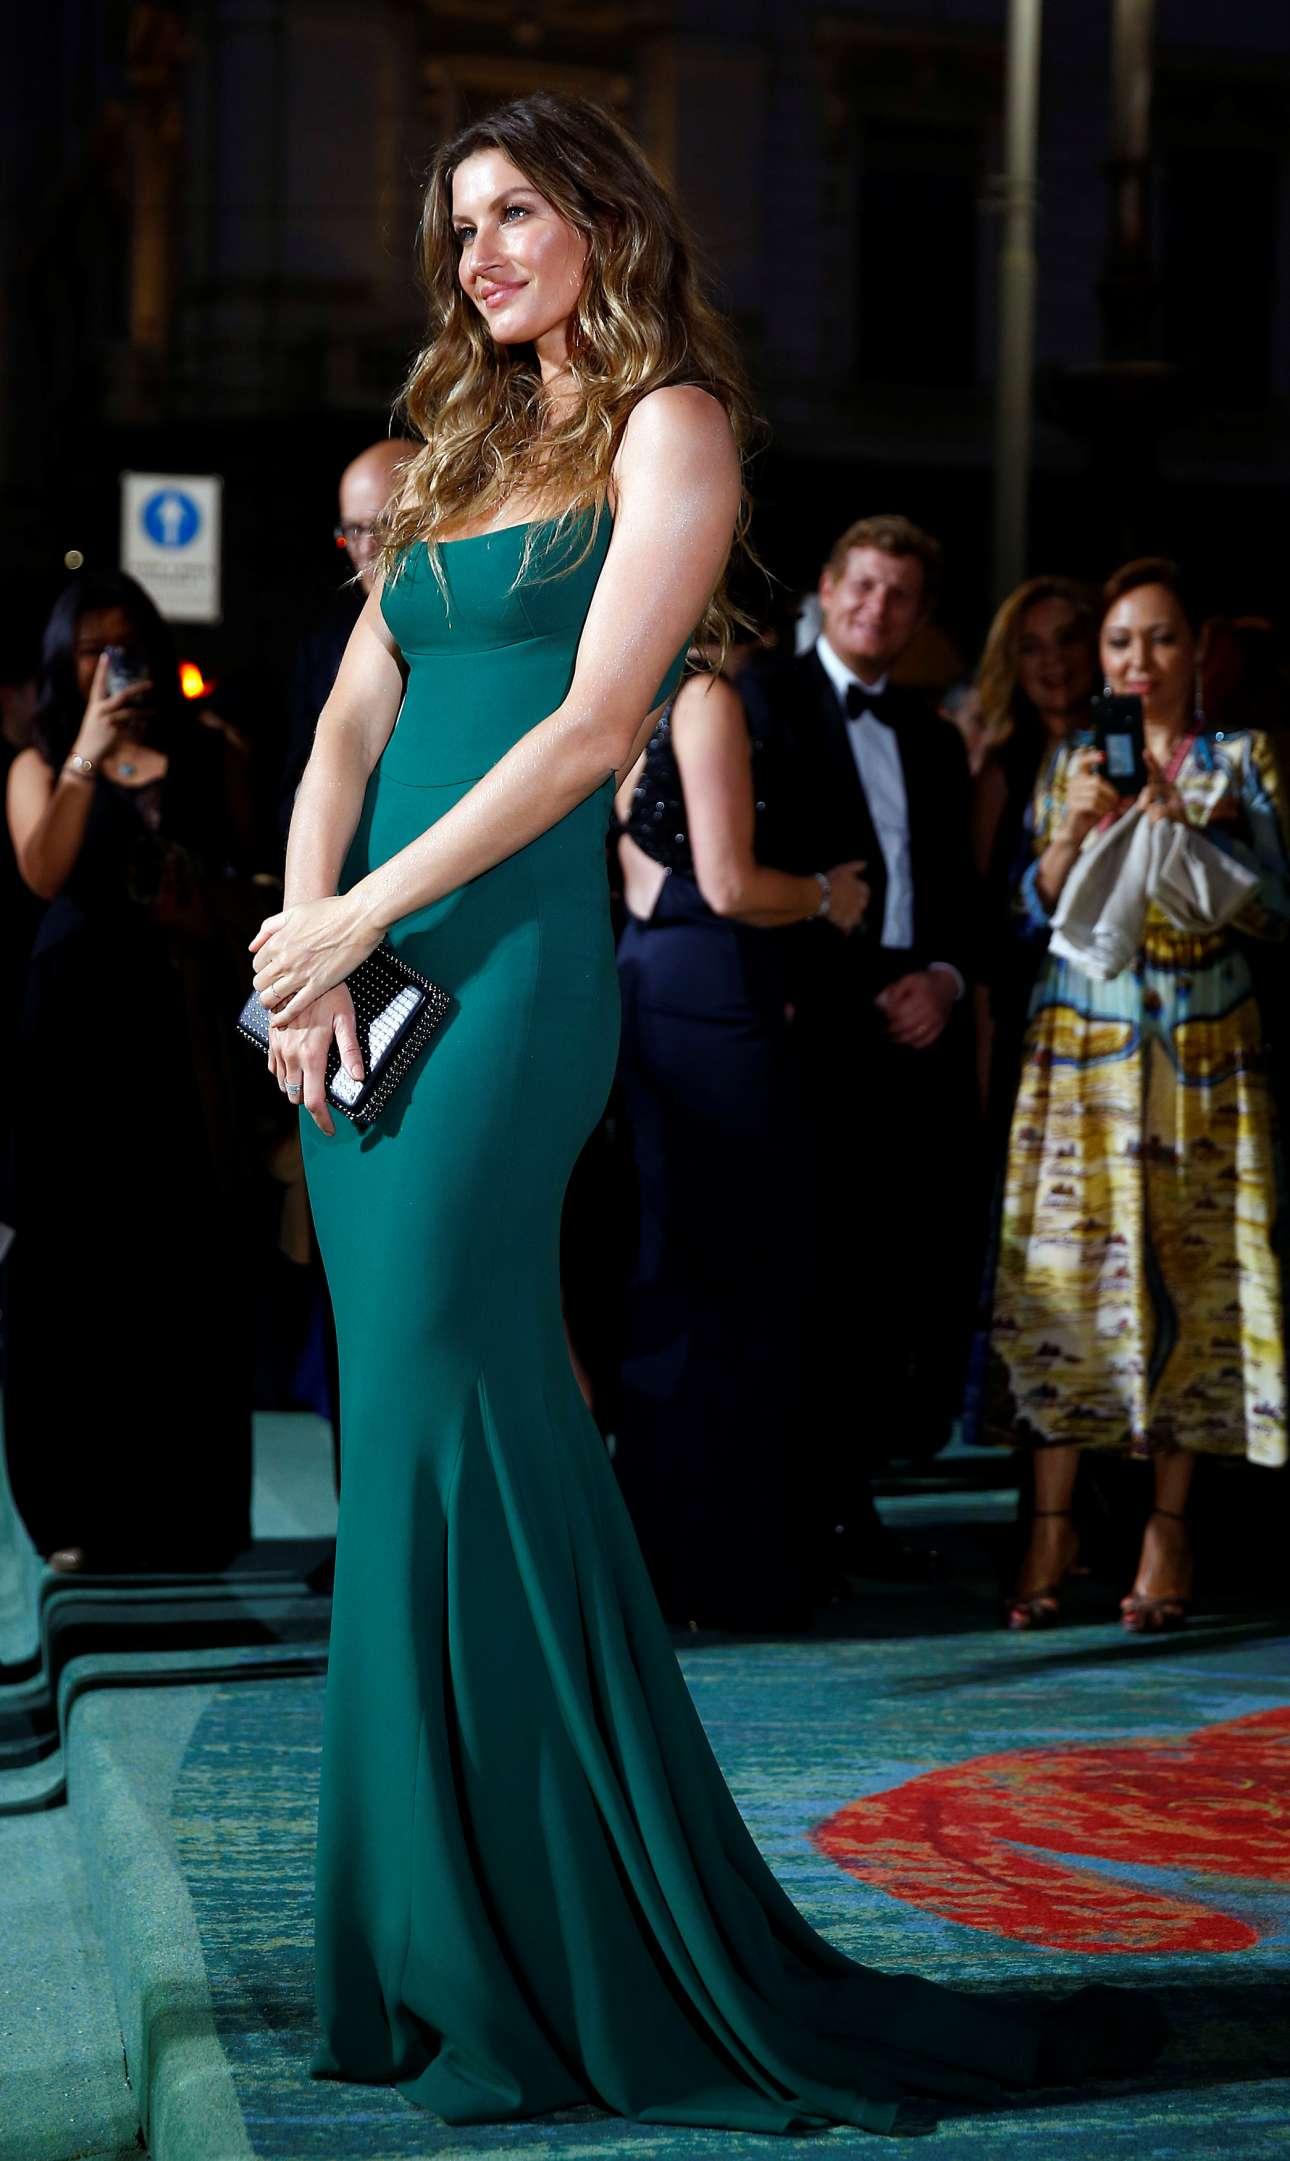 Η Ζιζέλ Μπούντχεν φοράει ένα εντυπωσιακό μακρύ φόρεμα της σχεδιάστριας Στέλλα Μακάρντεϊ. Παρευρέθηκε στην εκδήλωση ευαισθητοποίησης για οικολογικά θέματα στη βιομηχανία της μόδας